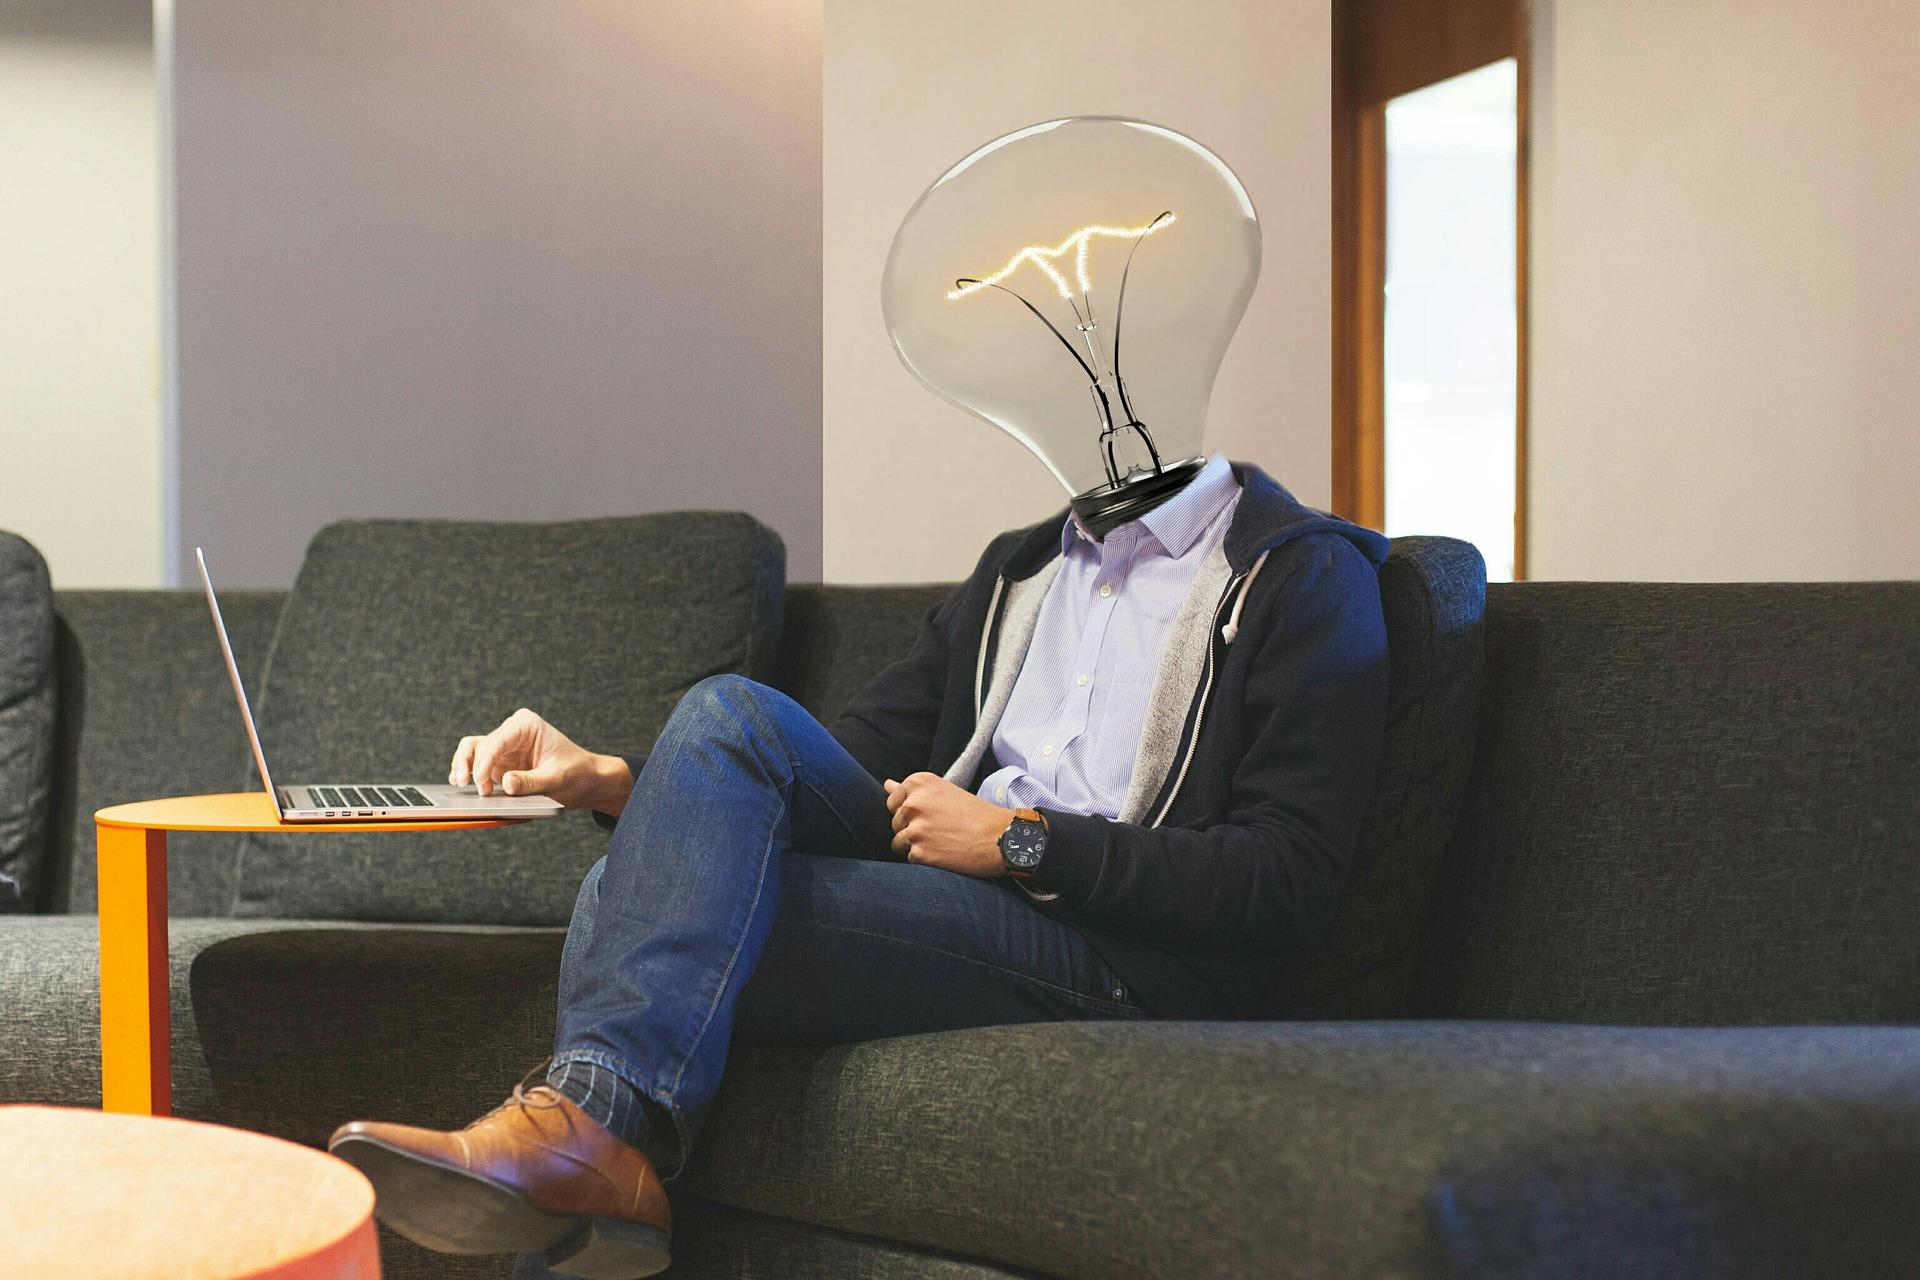 lightbulb-3449671_1920